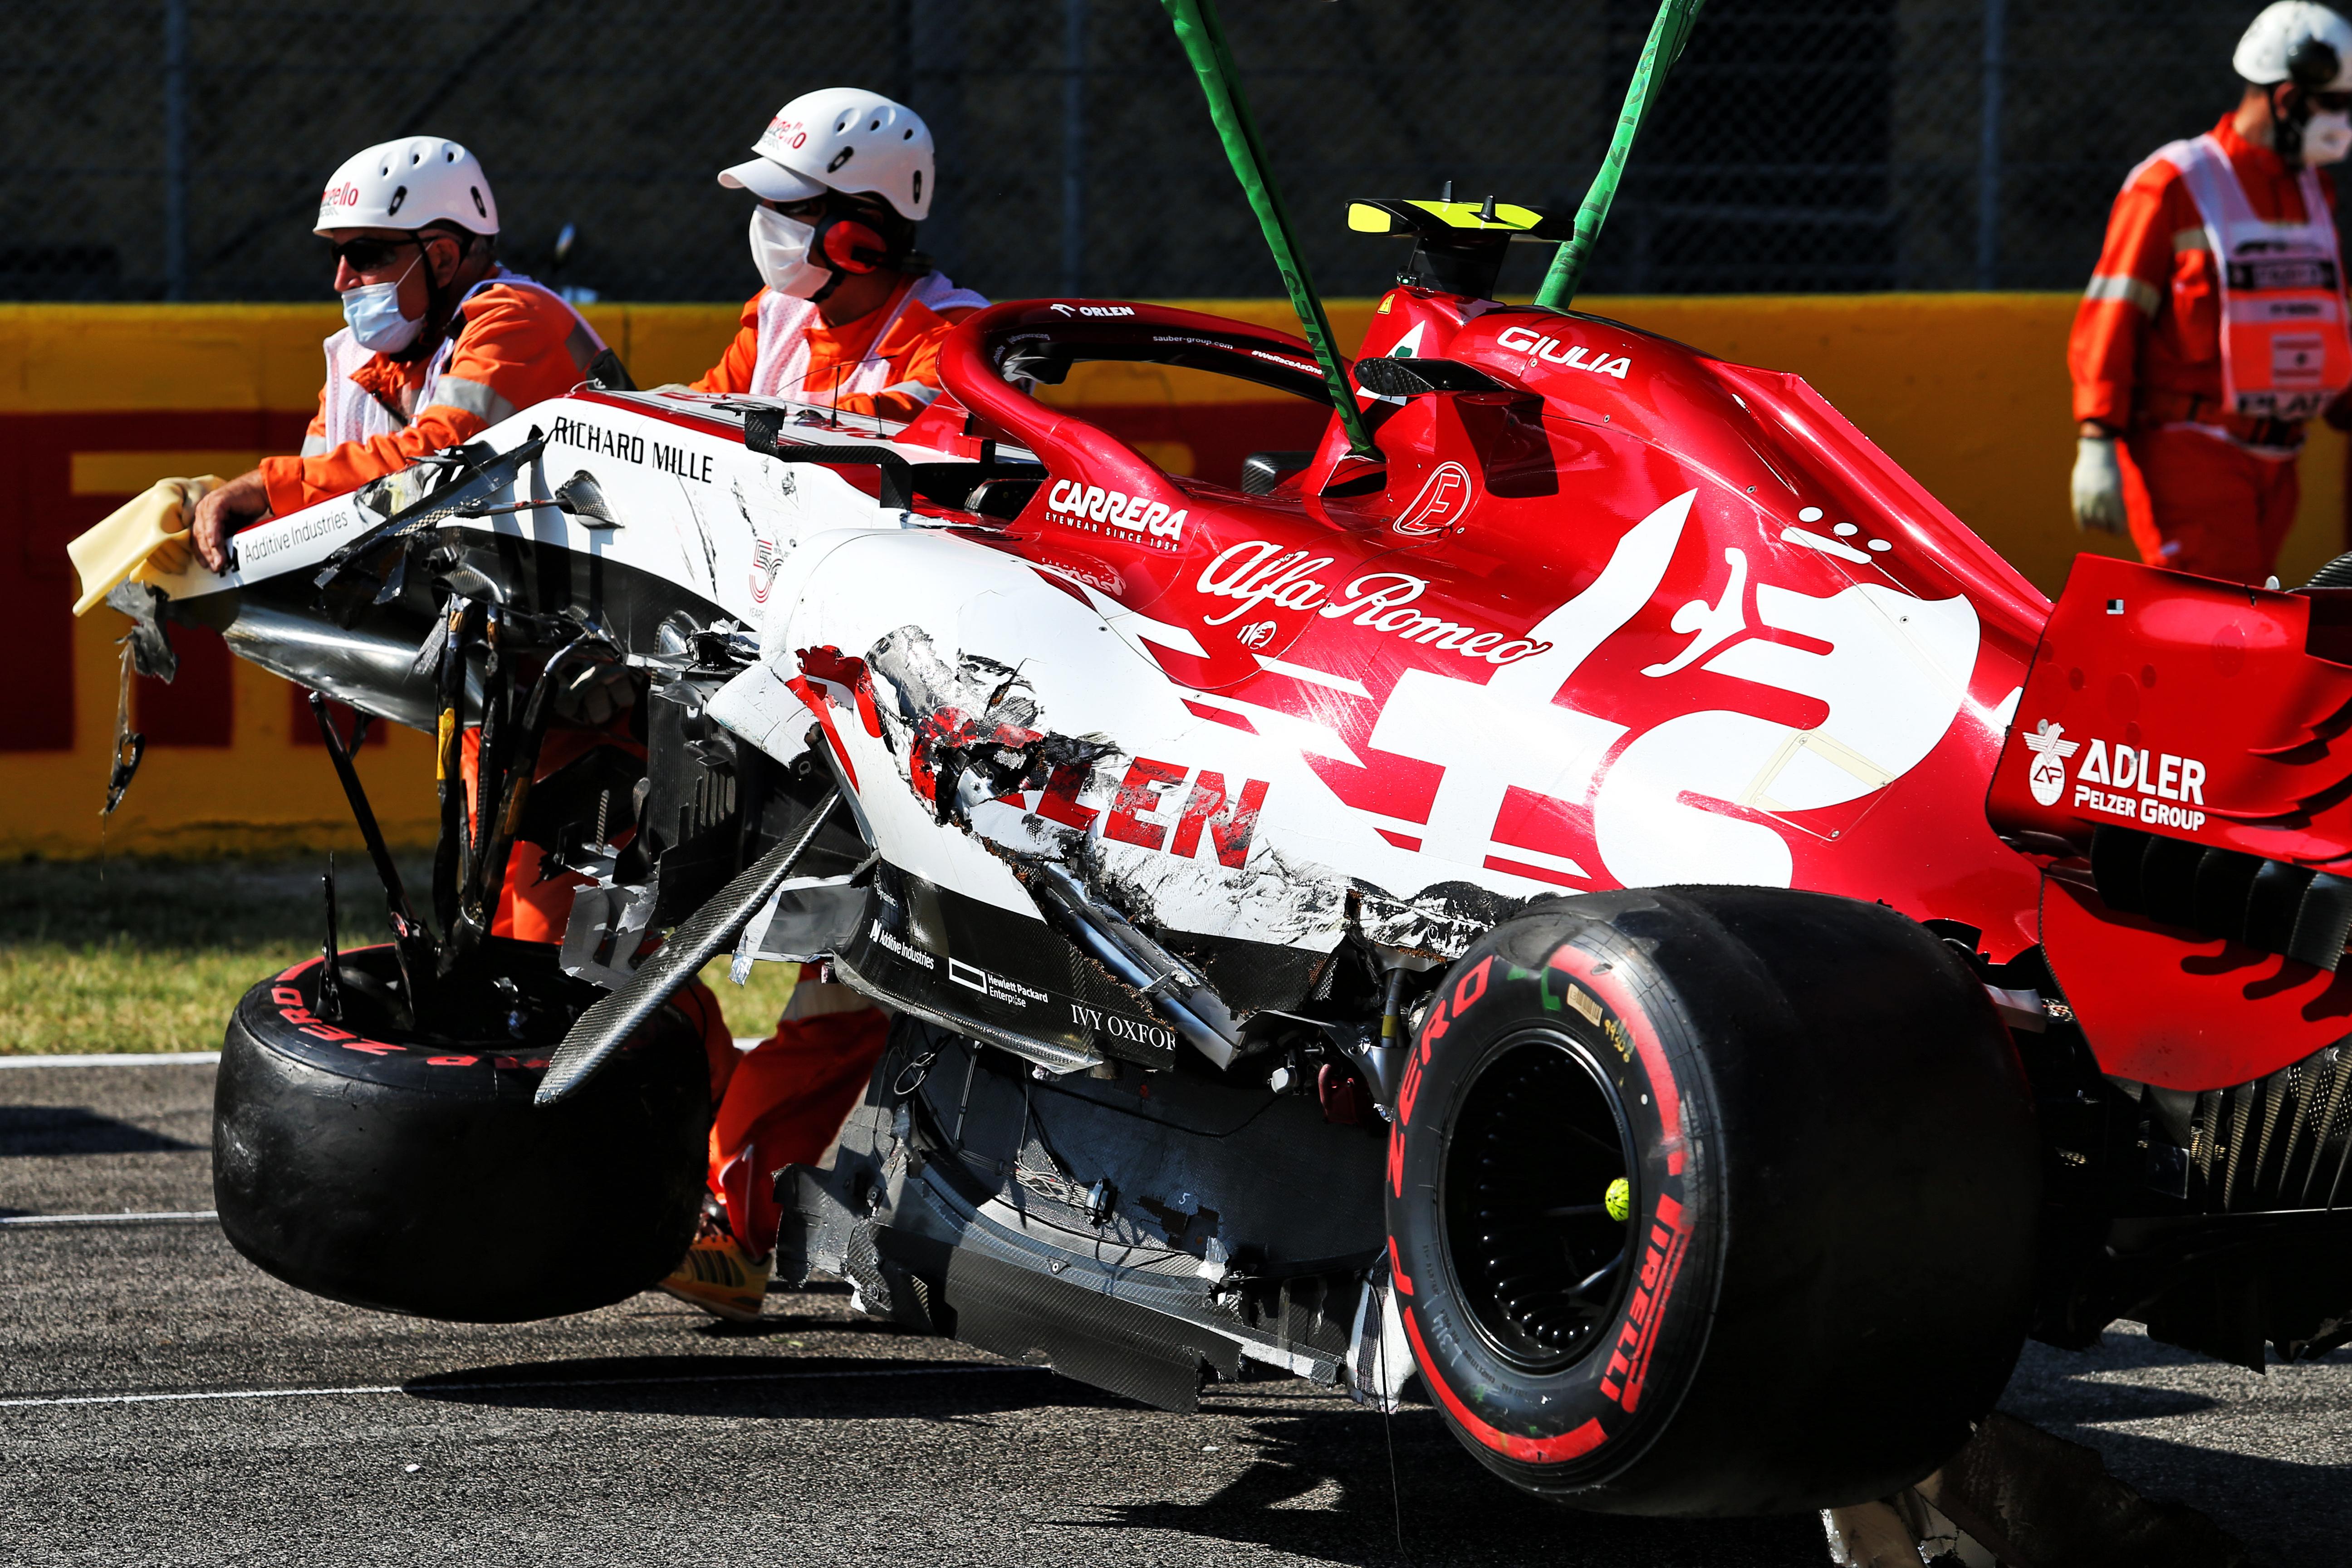 Antonio Giovinazzi Mugello restart crash 2020